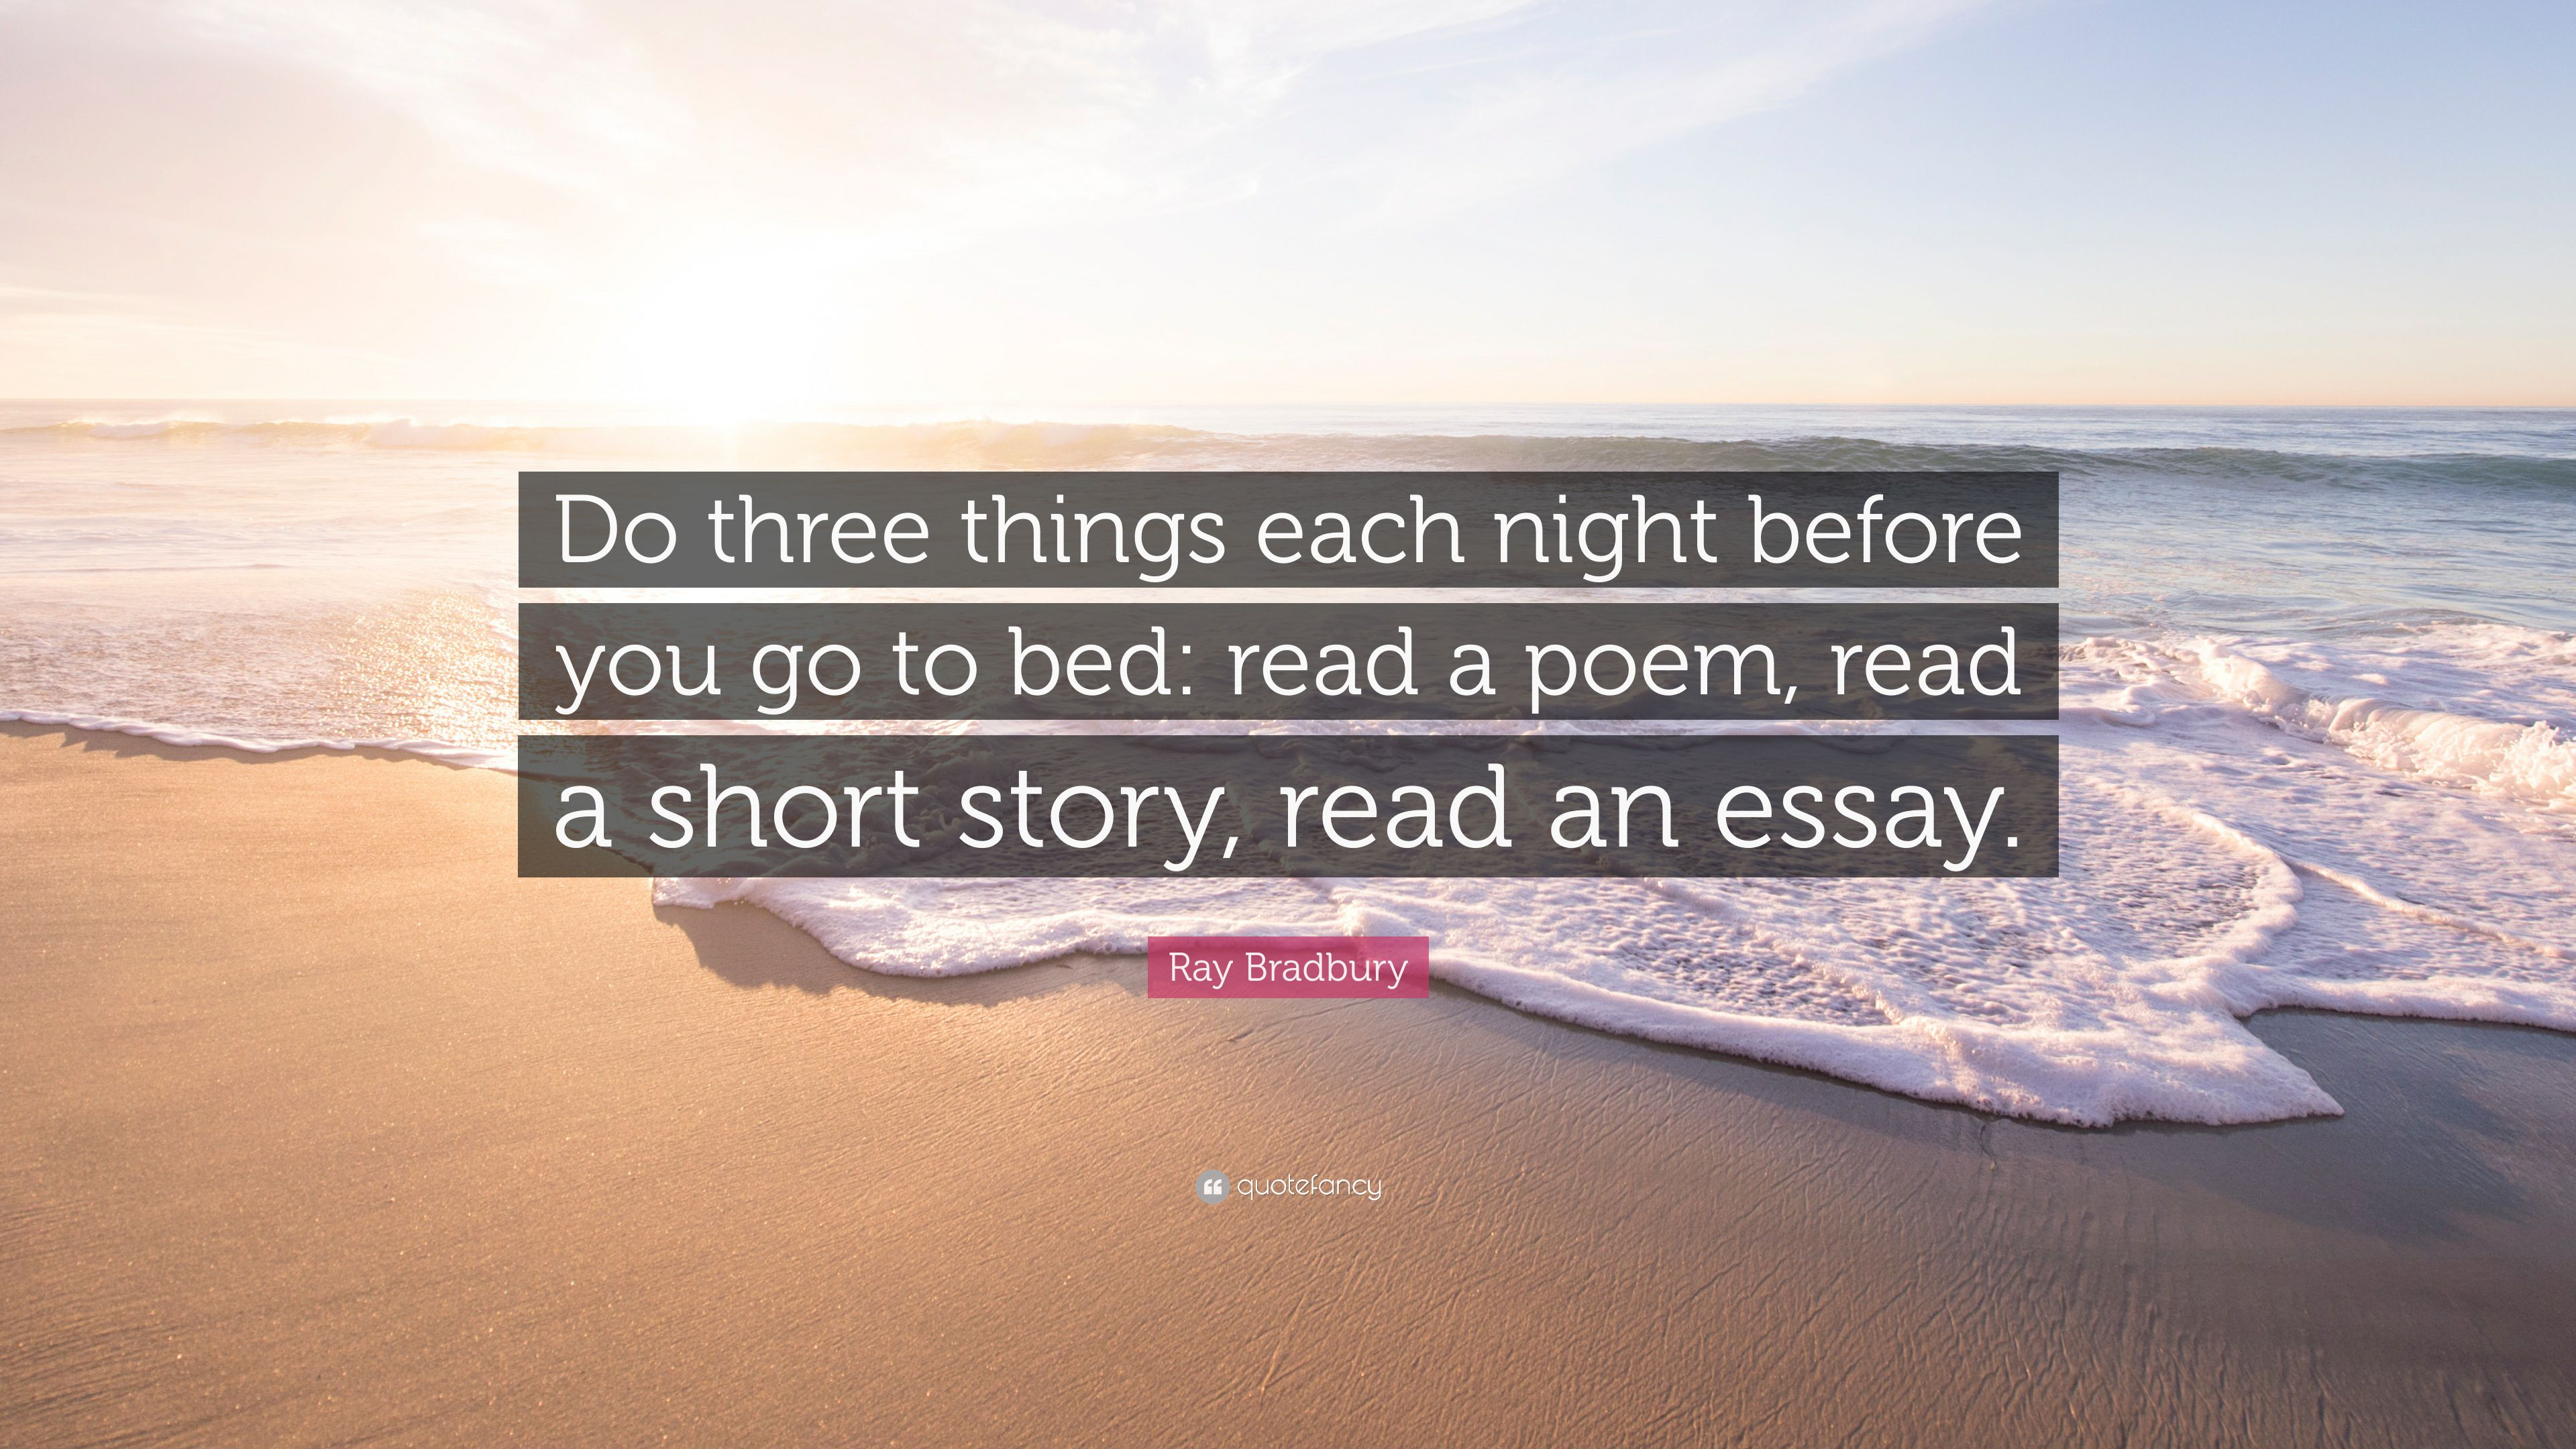 ray bradbury quote ldquo do three things each night before you go to ray bradbury quote ldquodo three things each night before you go to bed